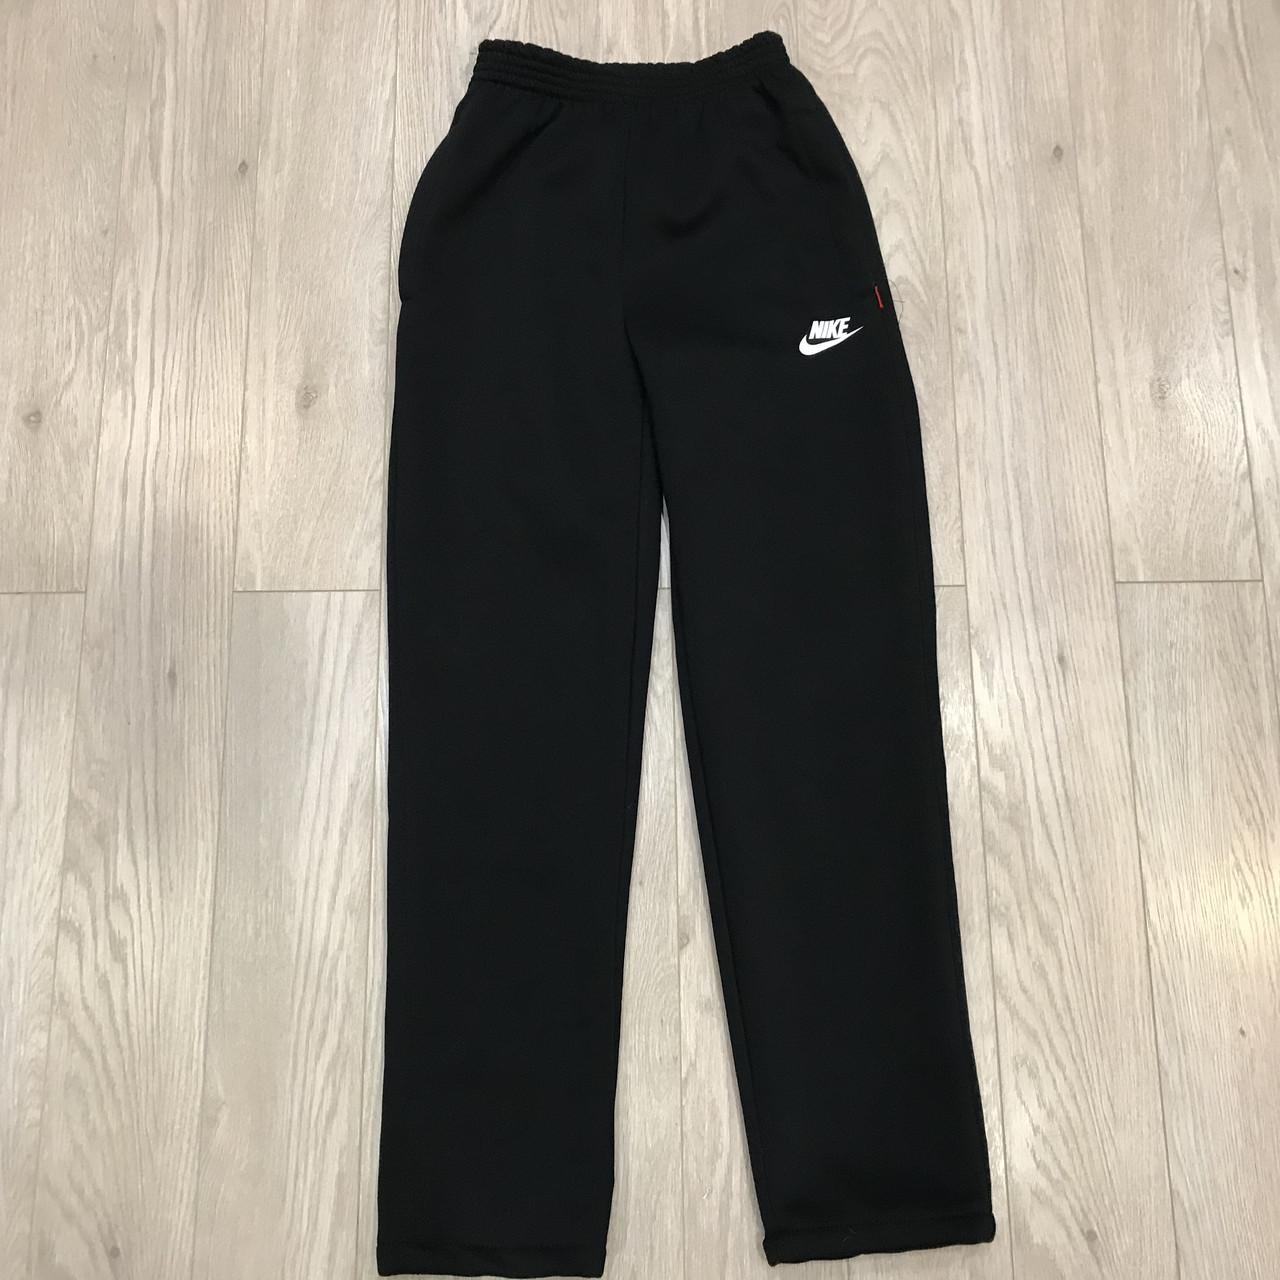 Спортивные штаны Nike теплые / черные / трикотажные, флис